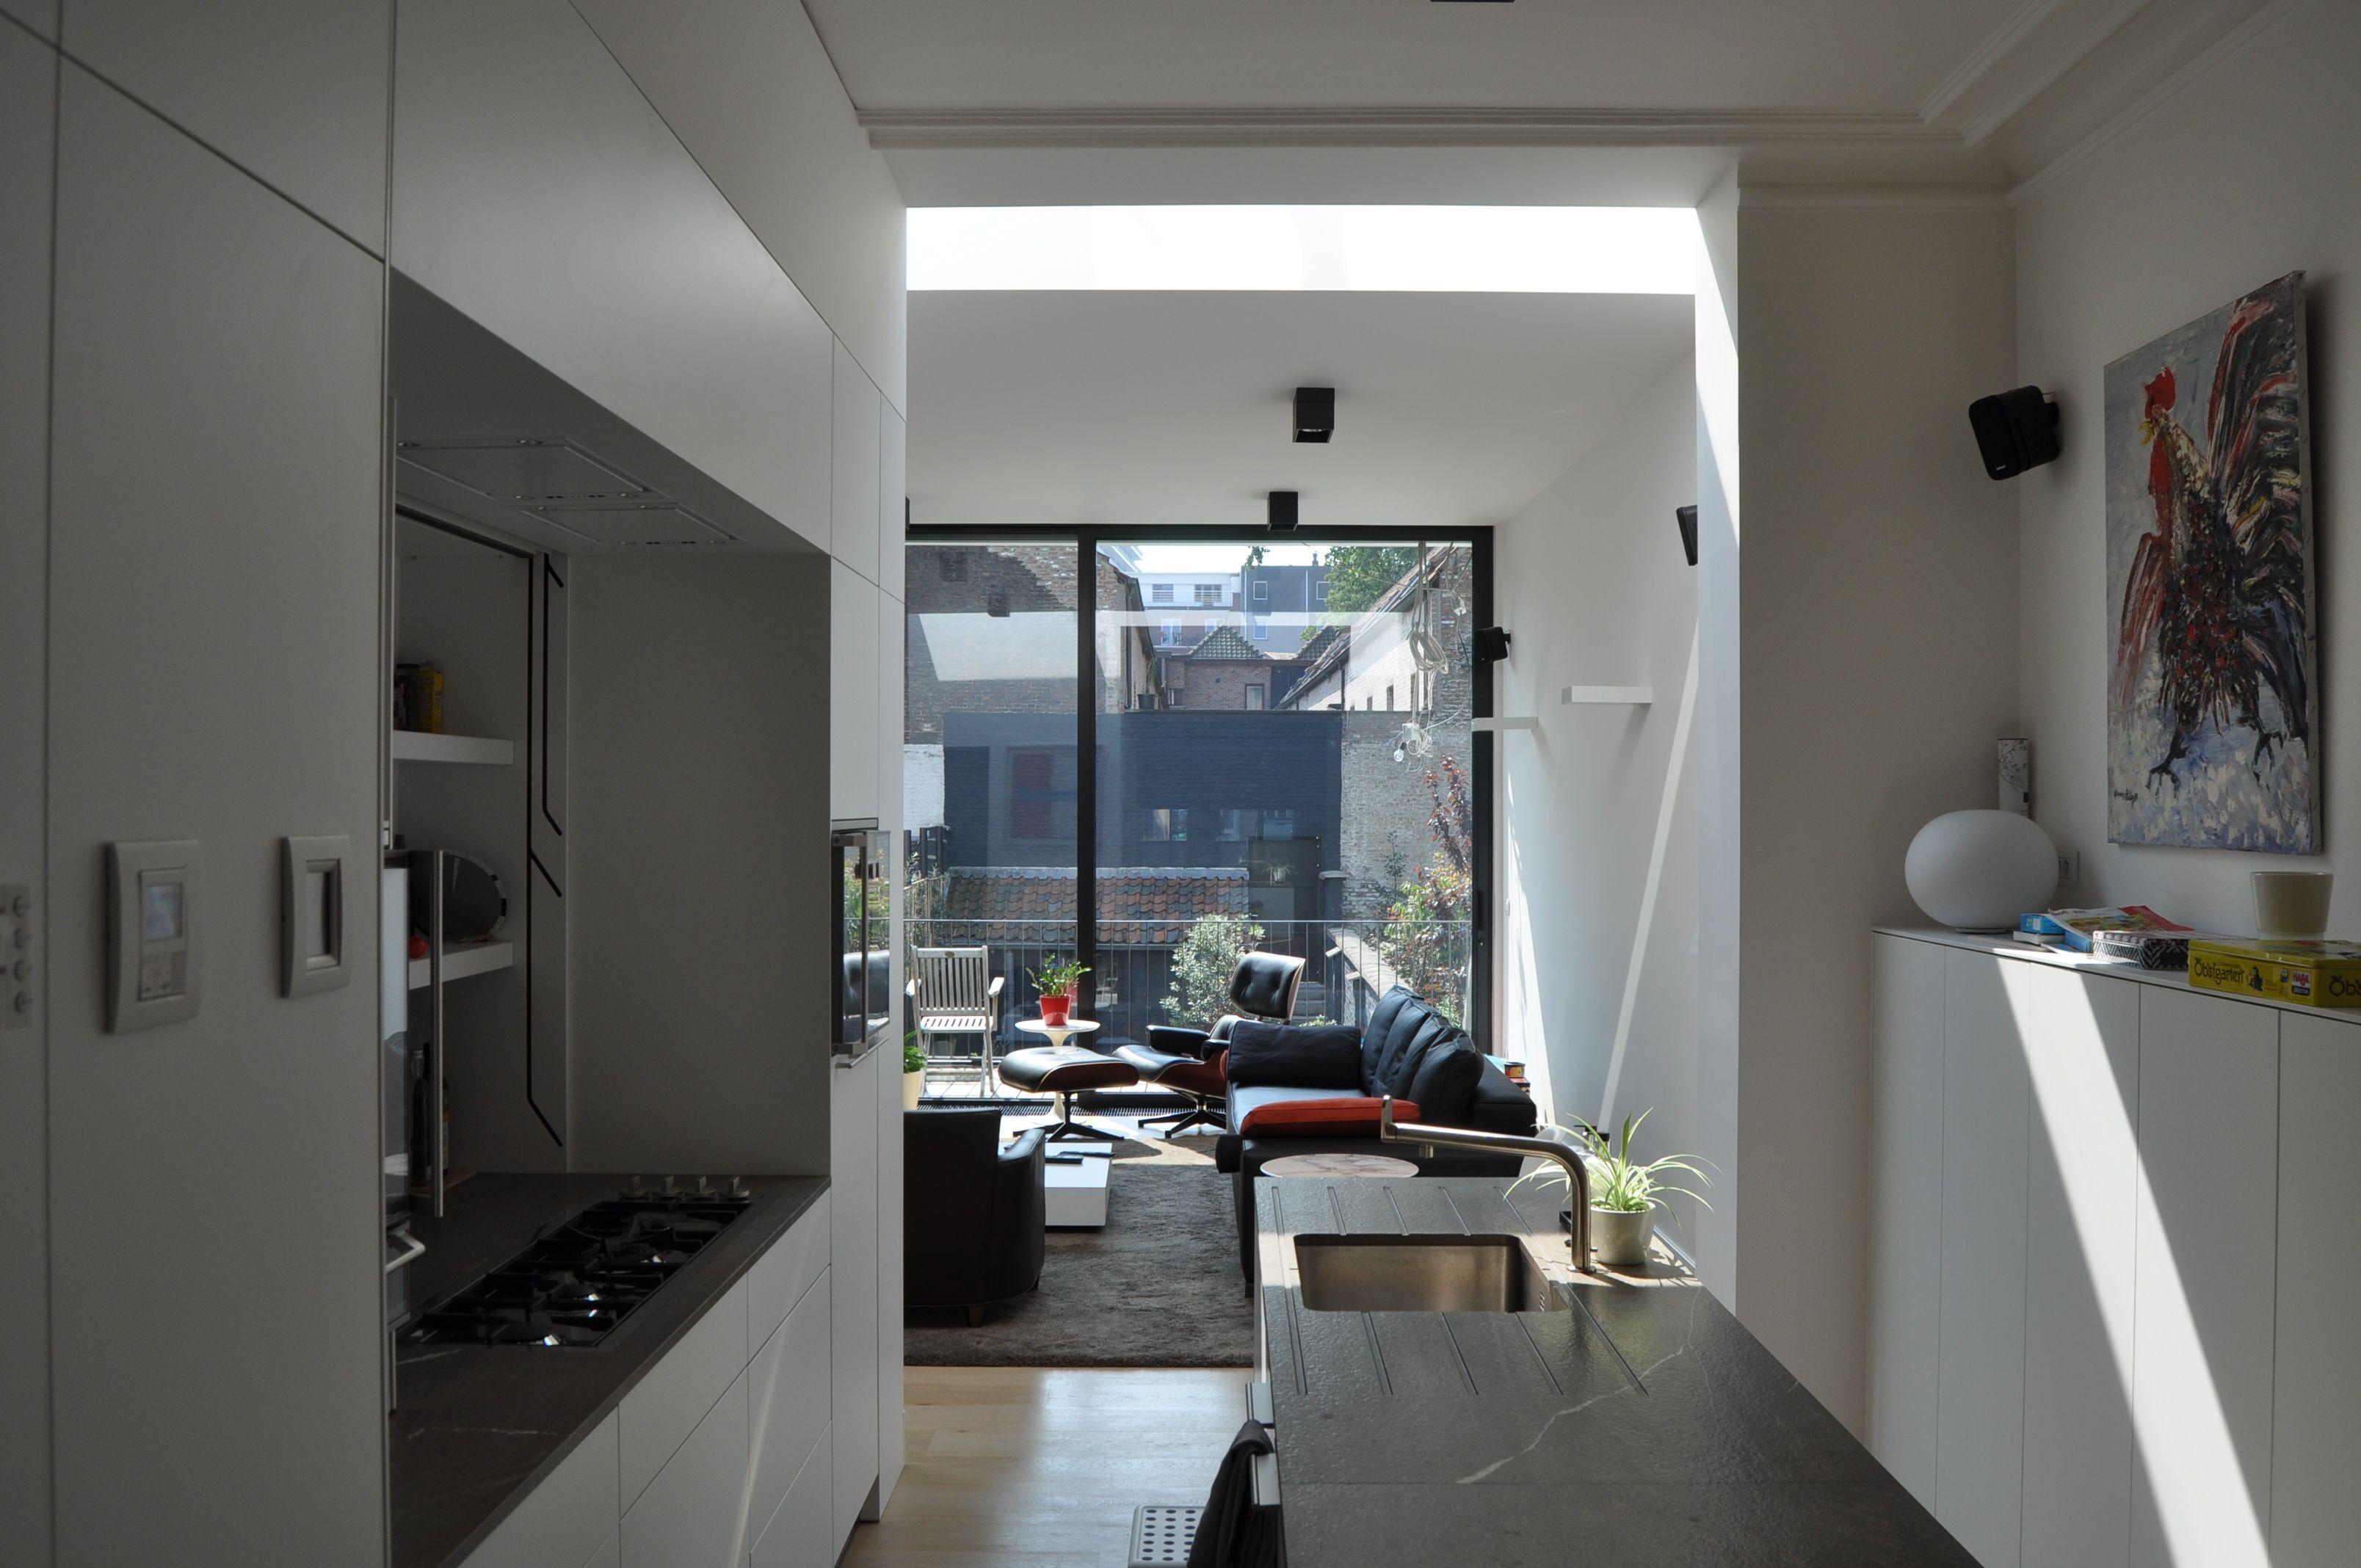 Modern Interieur Herenhuis : Interieur verbouwing herenhuis rijwoning te gent house